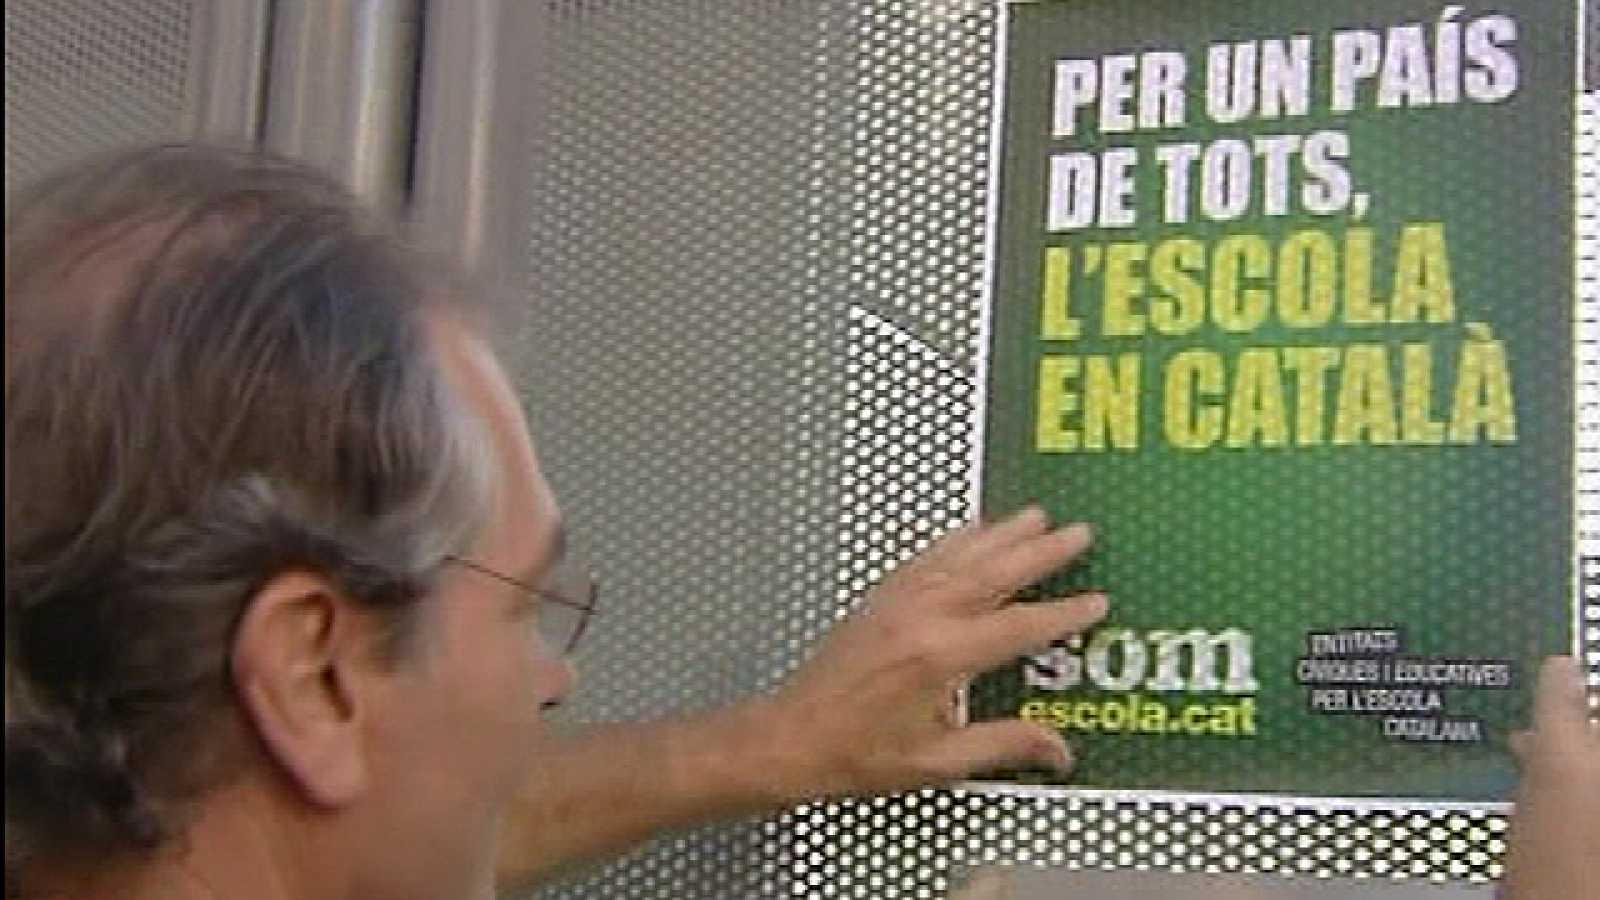 En Cataluña, el colegio comienza con una gran polémica en la utilización del castellano como lengua vehicular